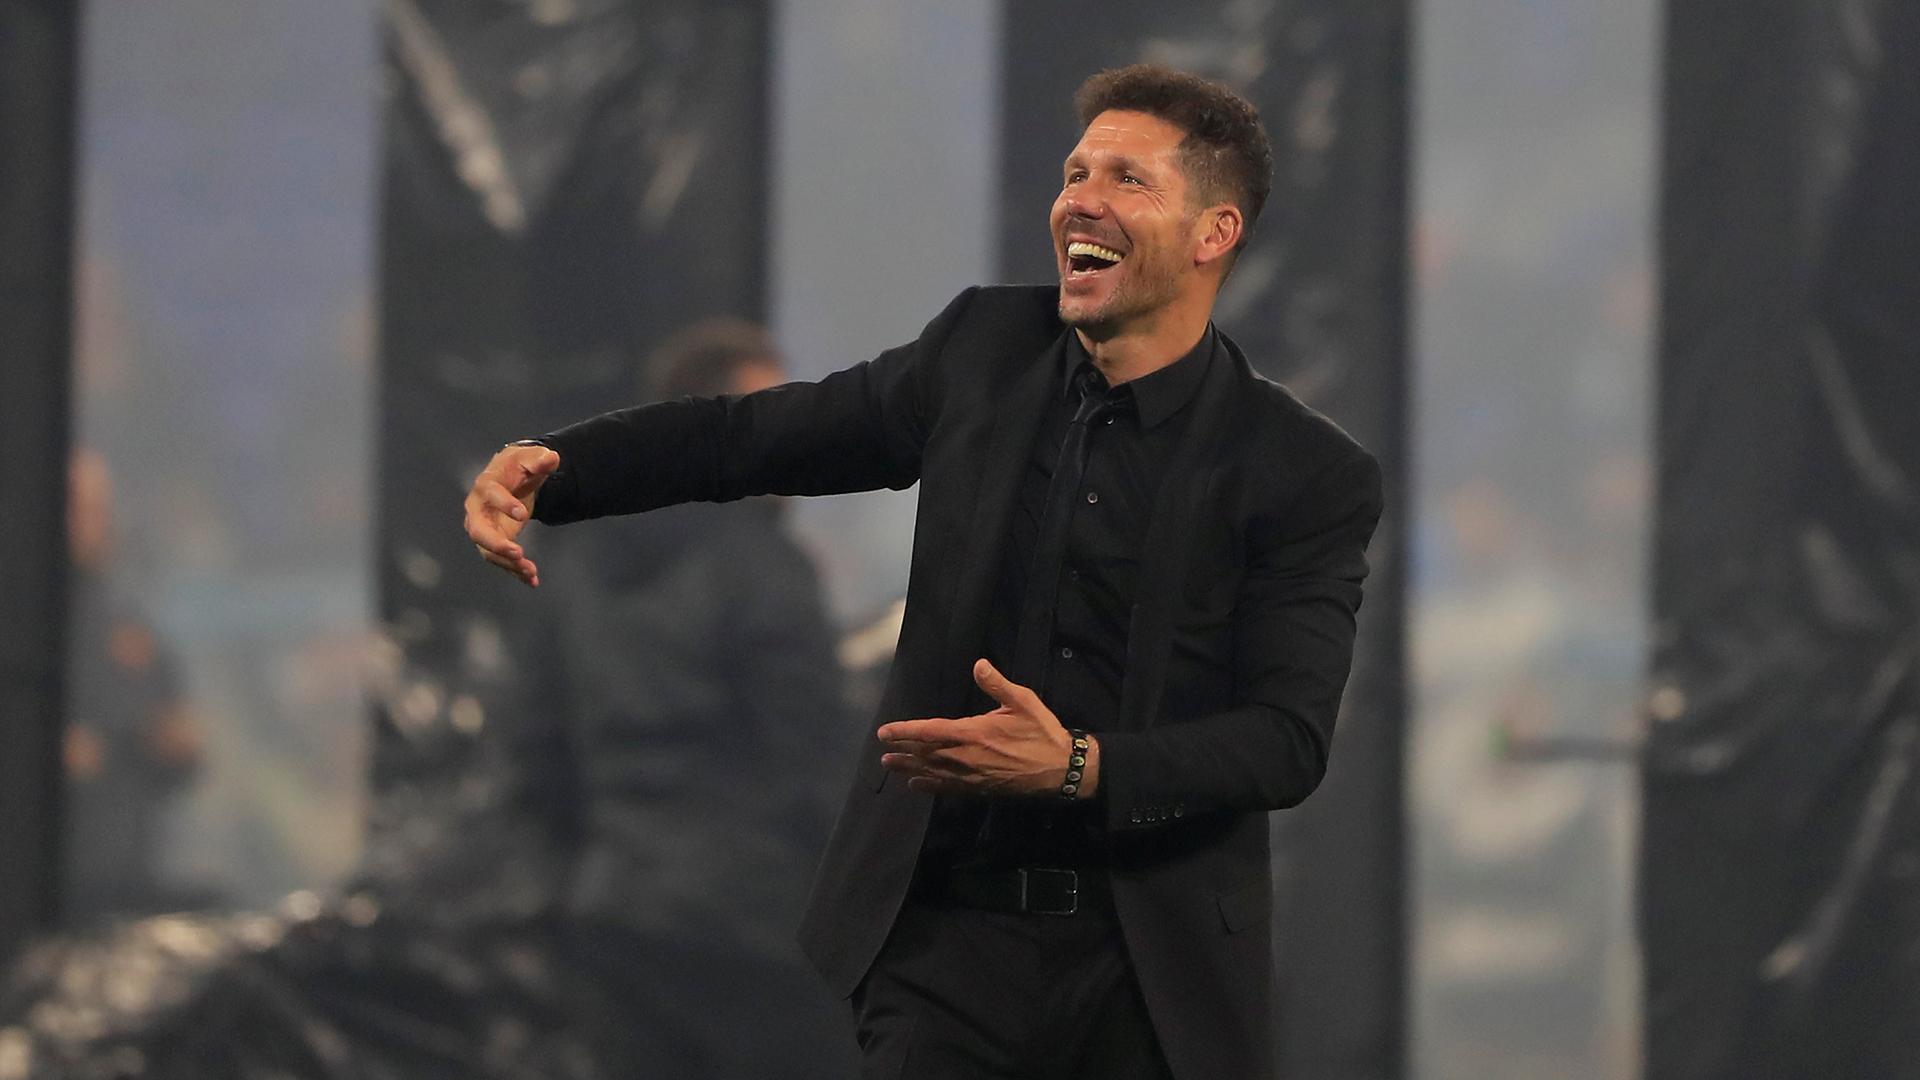 Simeone conquistó nuevamente el continente europeo con el Atlético (Reuters/Gonzalo Fuentes)